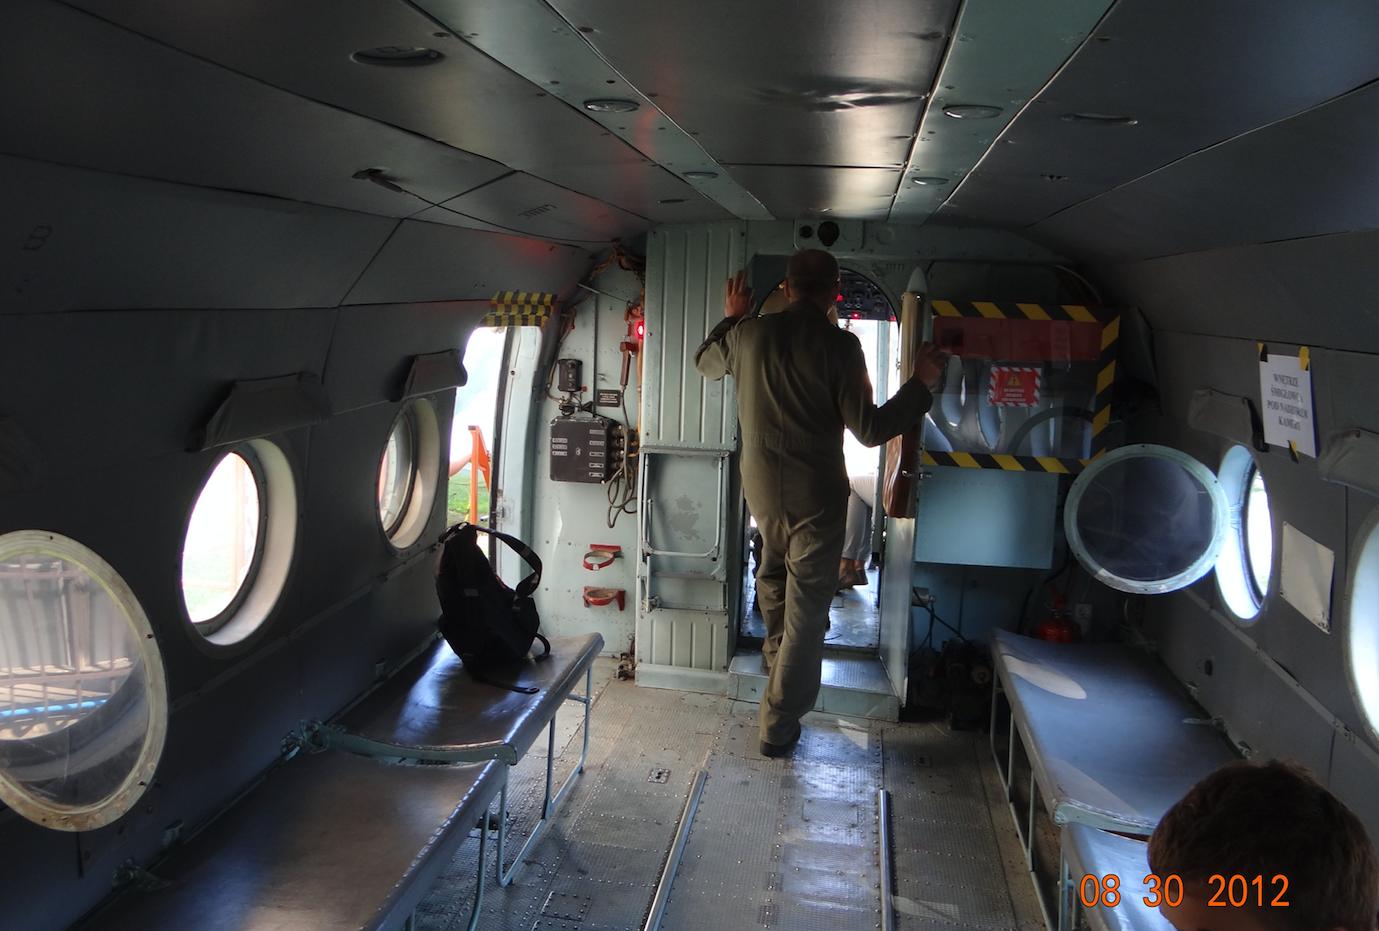 Ładownia śmigłowce Mi-8 T. 2012 rok. Zdjęcie Karol Placha Hetman